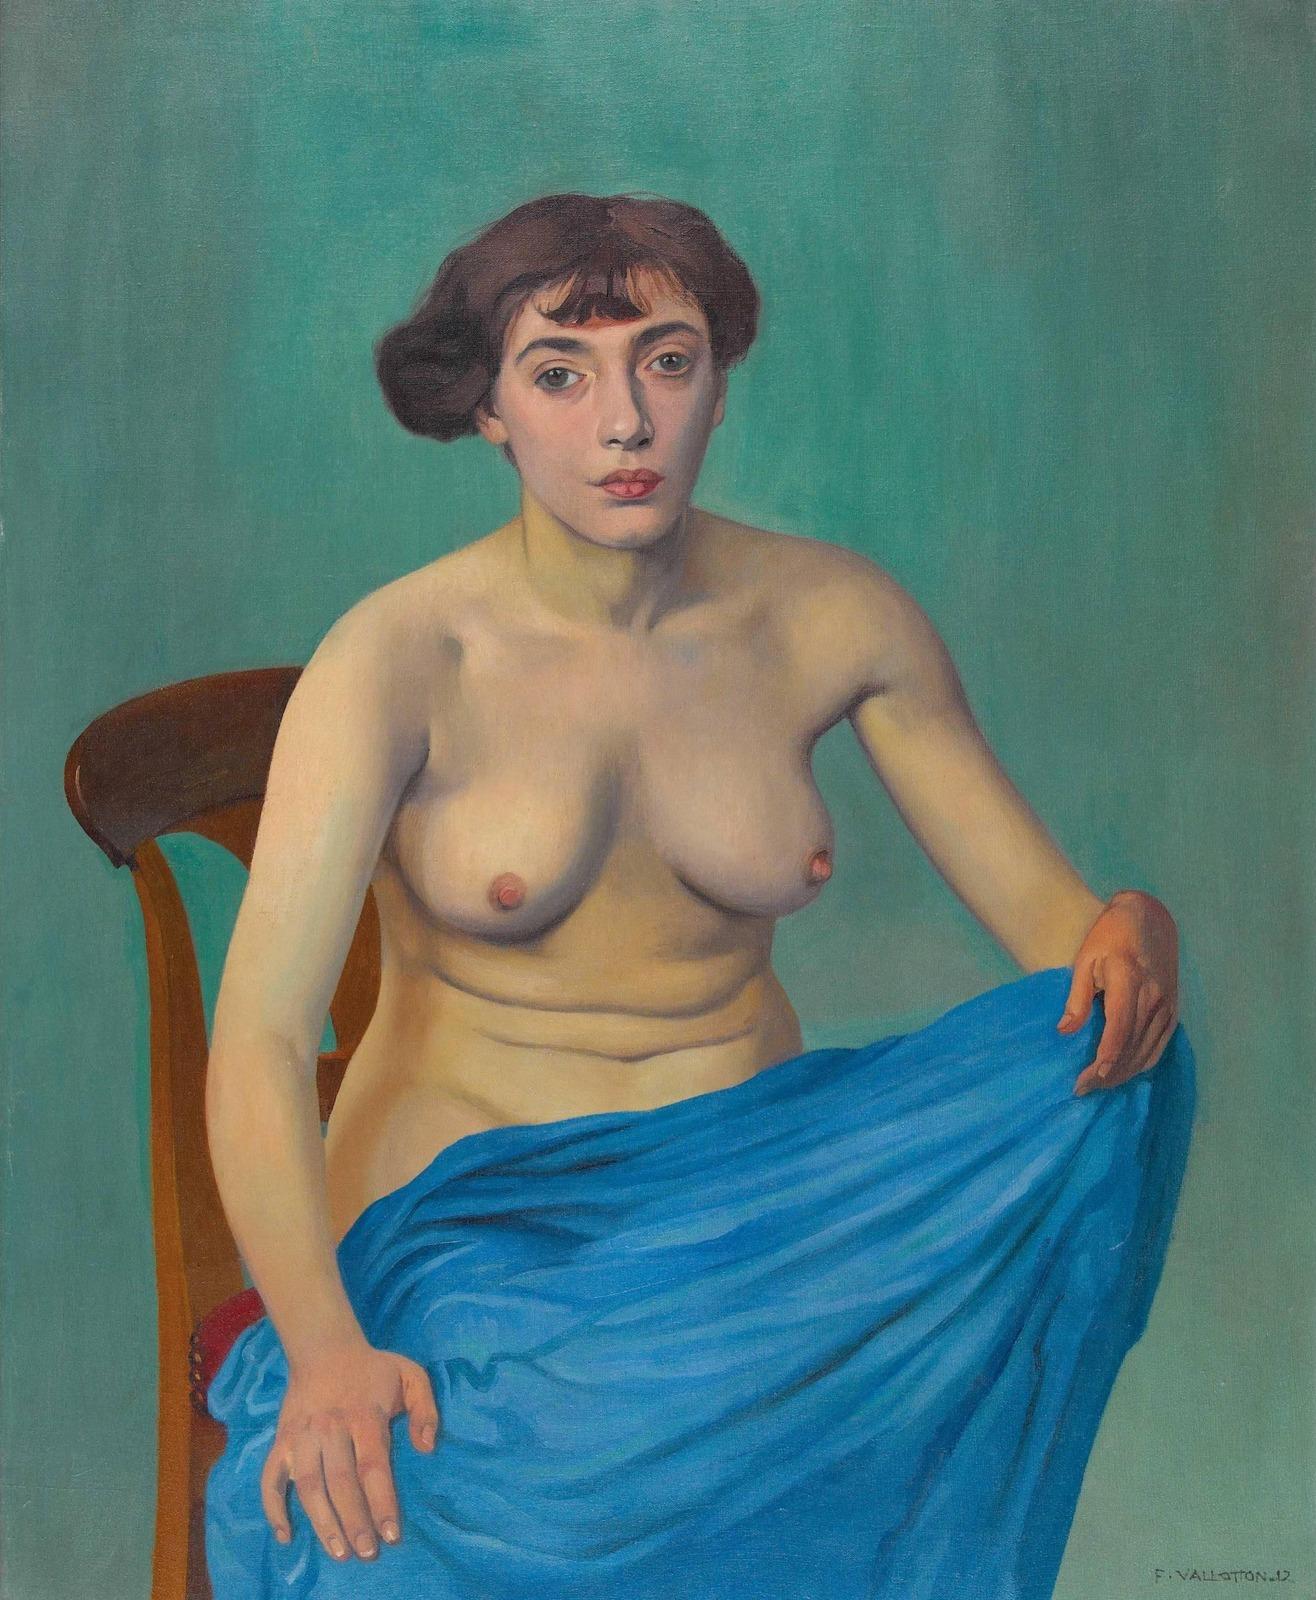 Феликс Валлеттон. 1912. Обнаженная с синей драпировкой (Torse a l'etoffe bleue). 100 х 81.5. Холст, масло. Частное собрание.